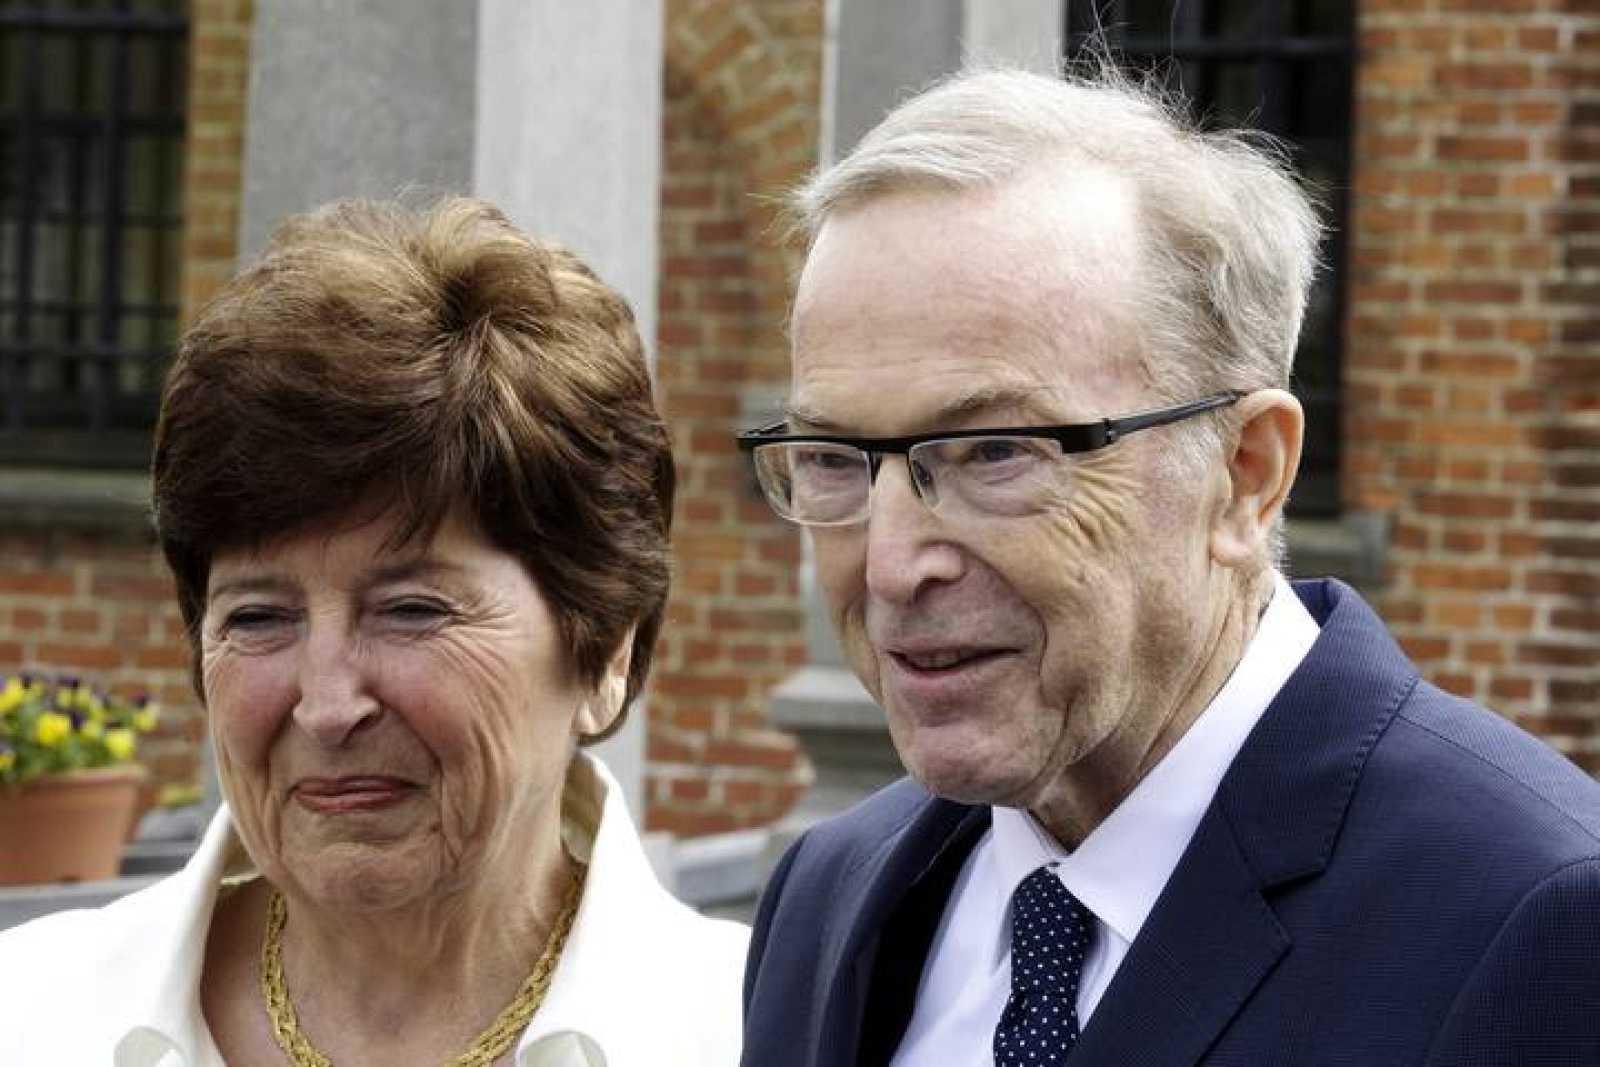 Fotografía de archivo de Wilfried Martens, presidente del Partido Popular Europeo, y su esposa Miet Smet